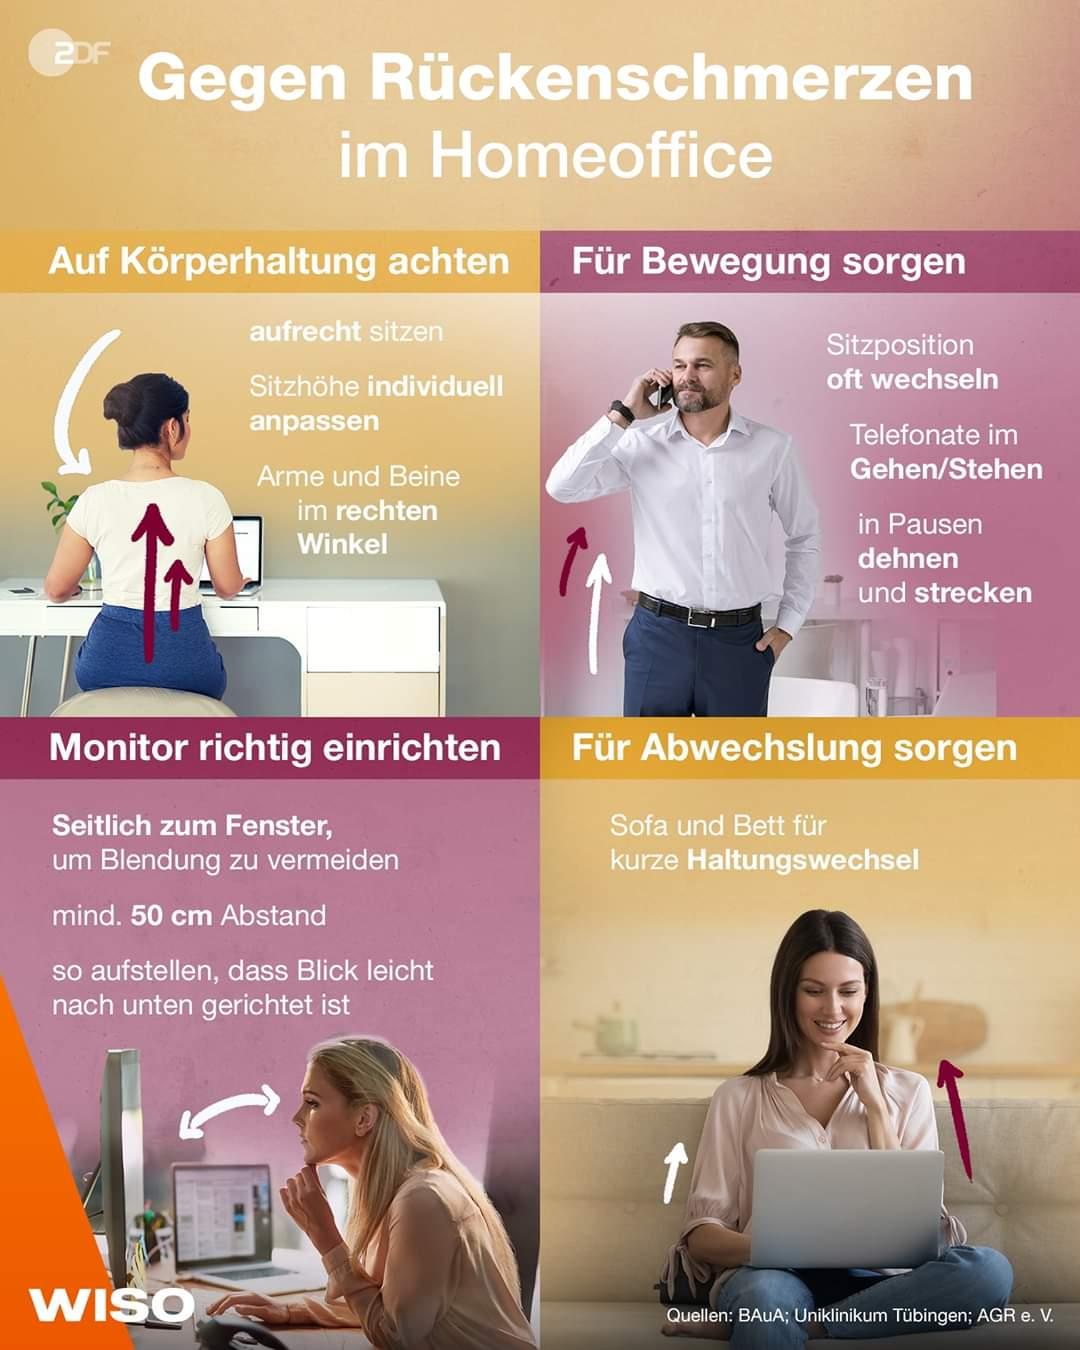 Rückenschmerzen im Home Office vermeiden (Bild: ZDF WISO)